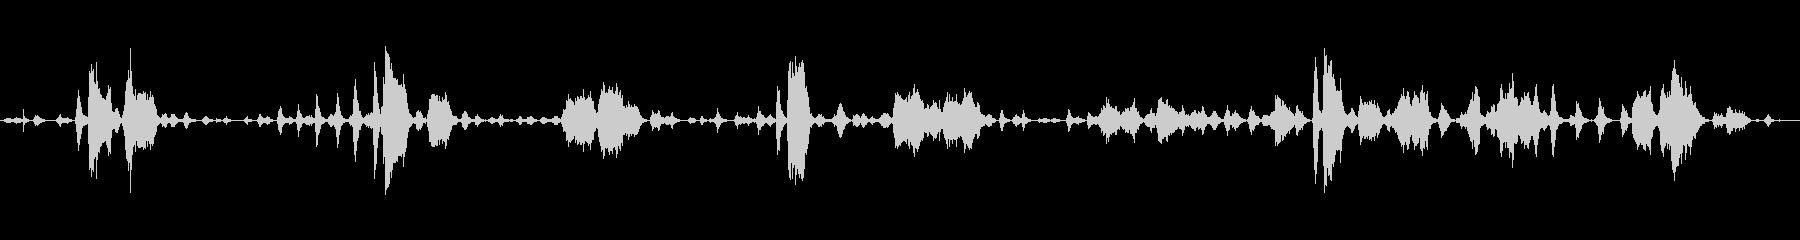 鶏の鳴き声、スコーク、フラッター2の未再生の波形